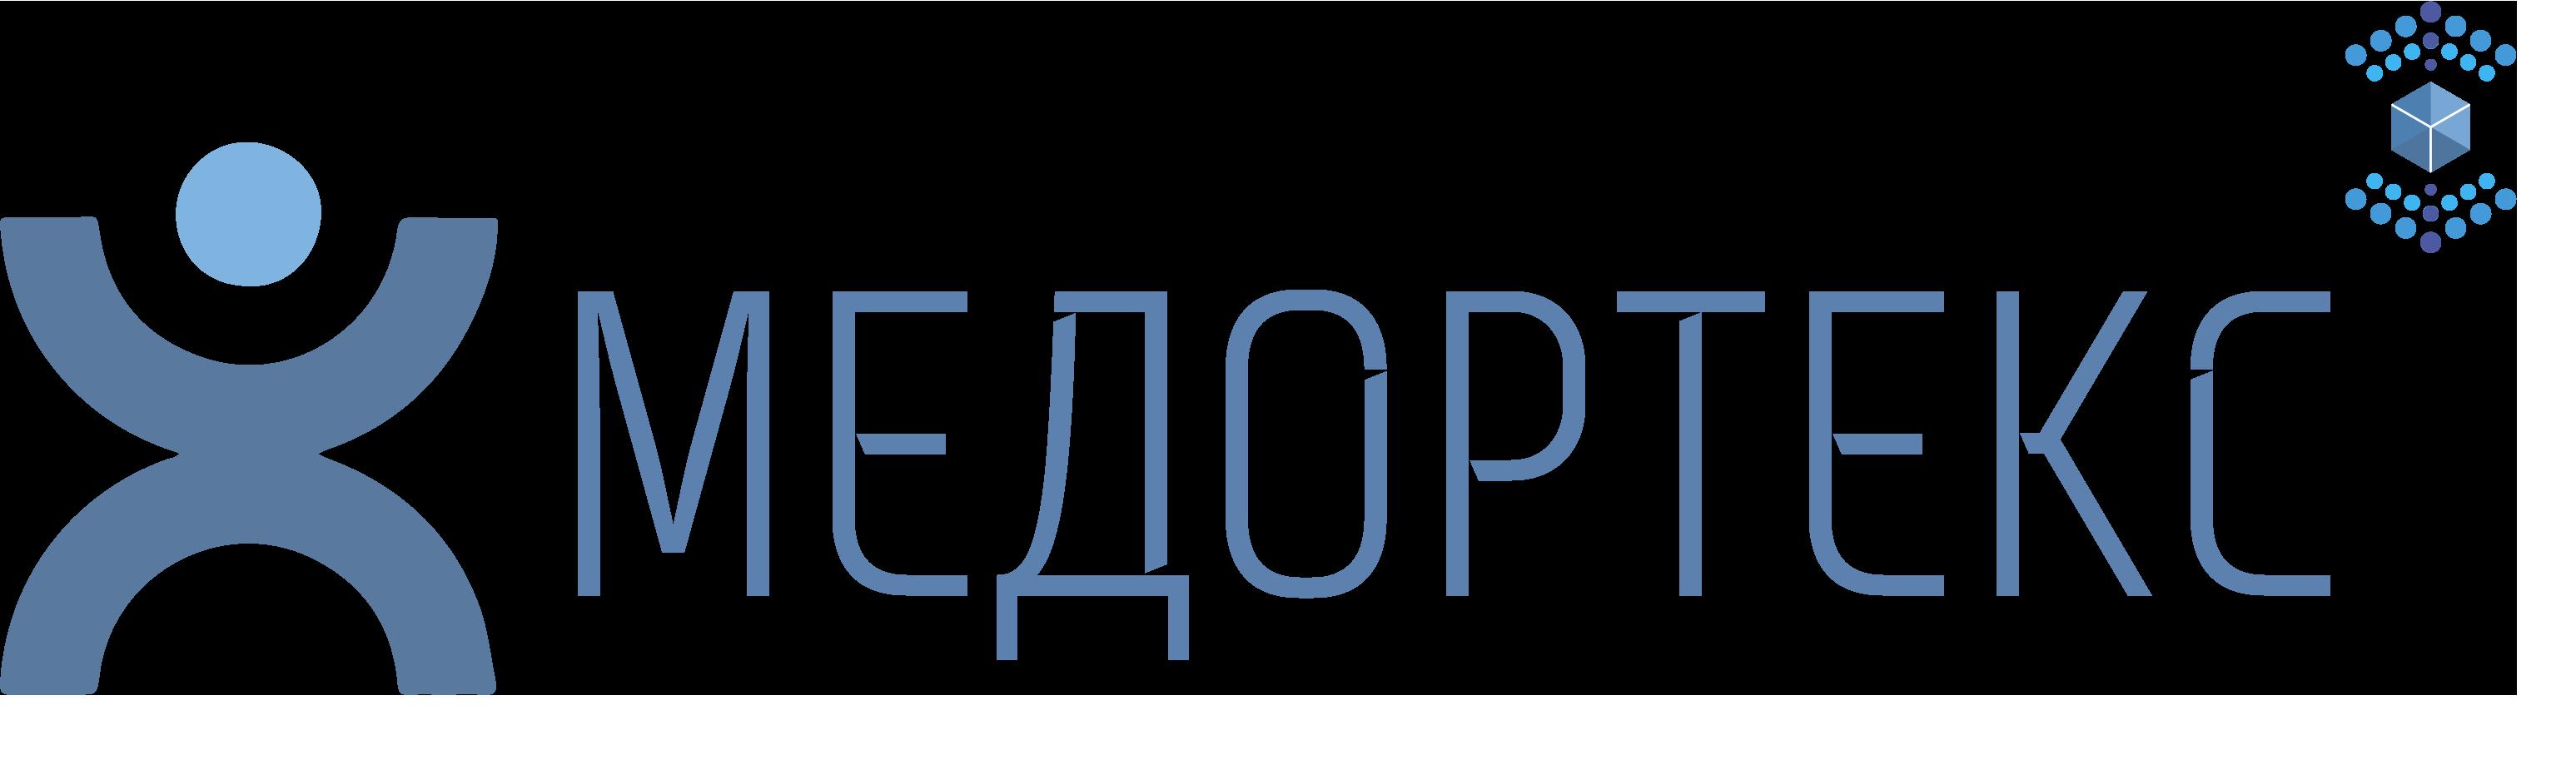 medortex